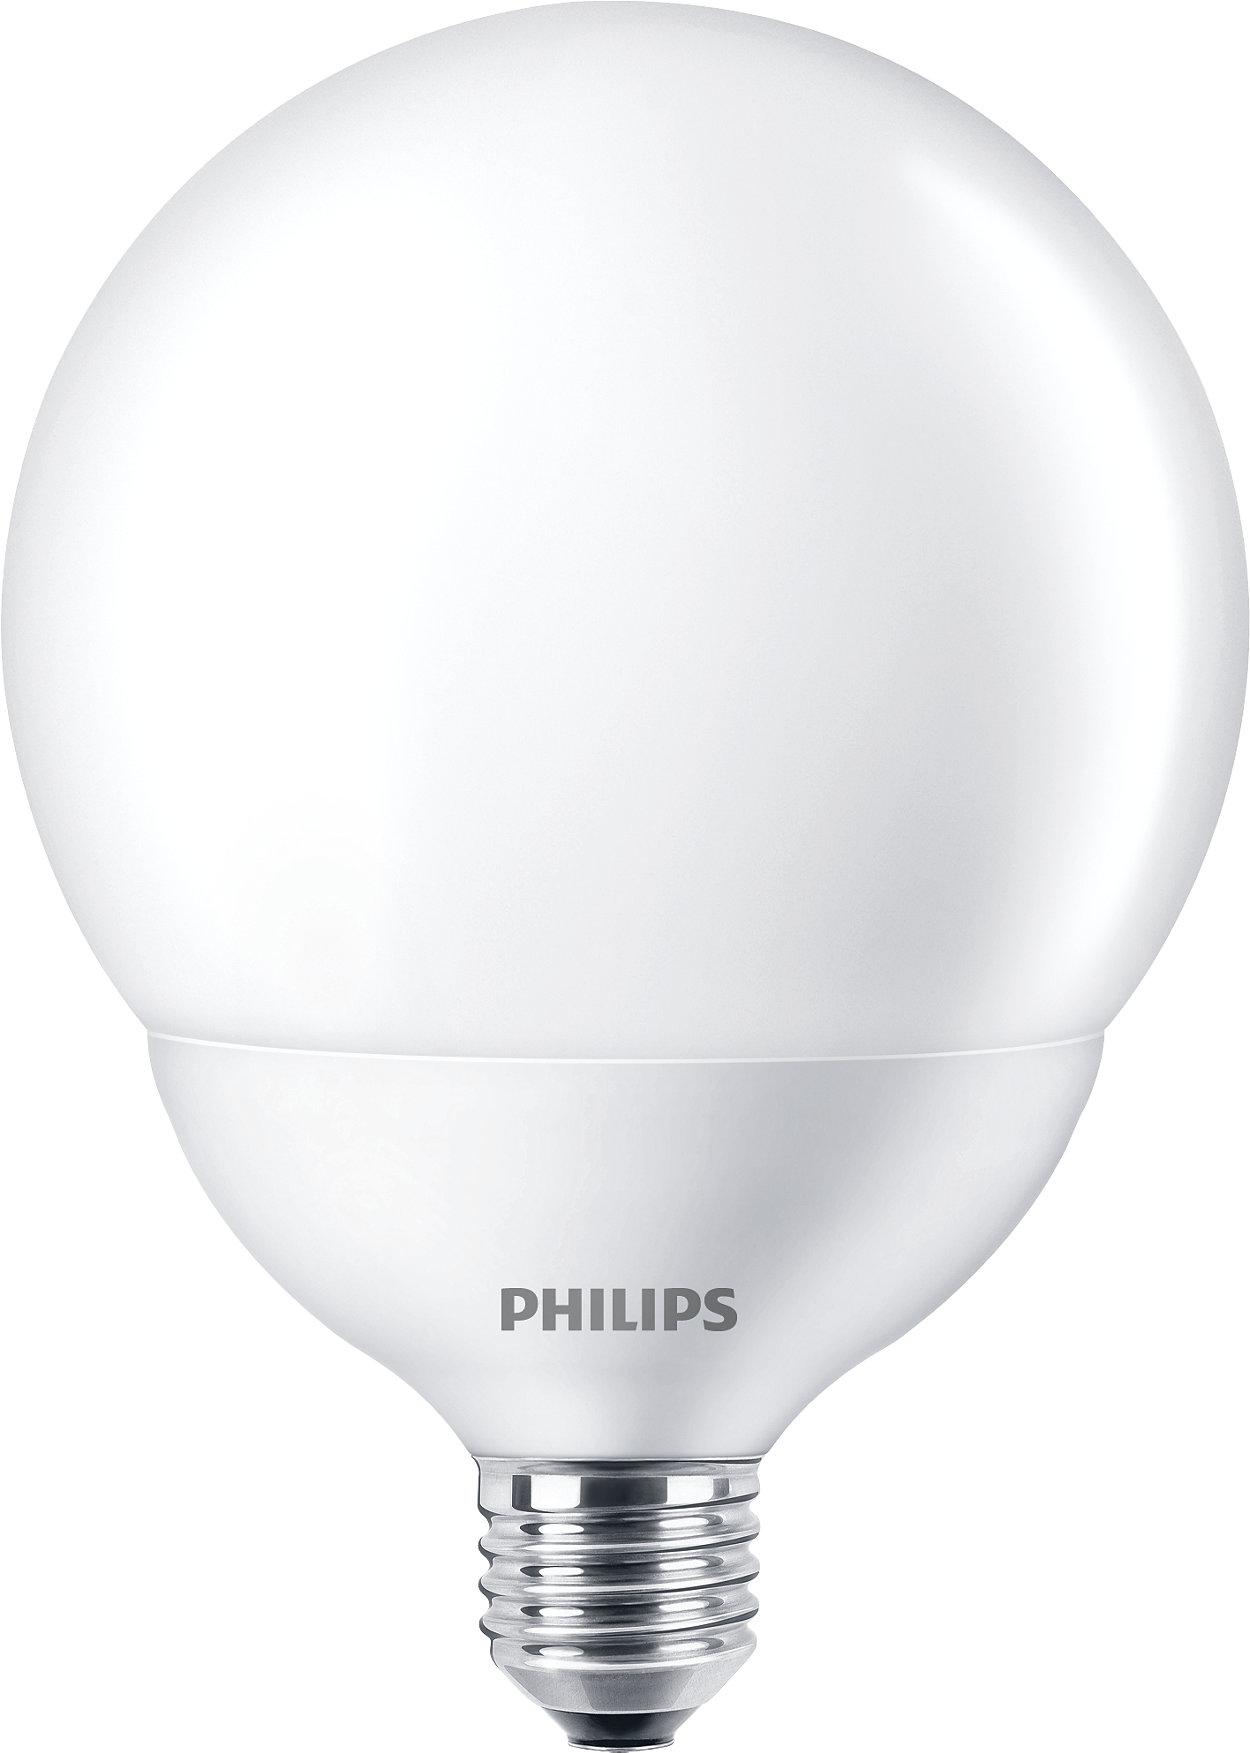 La solution d'ampoules LEDbulb économique